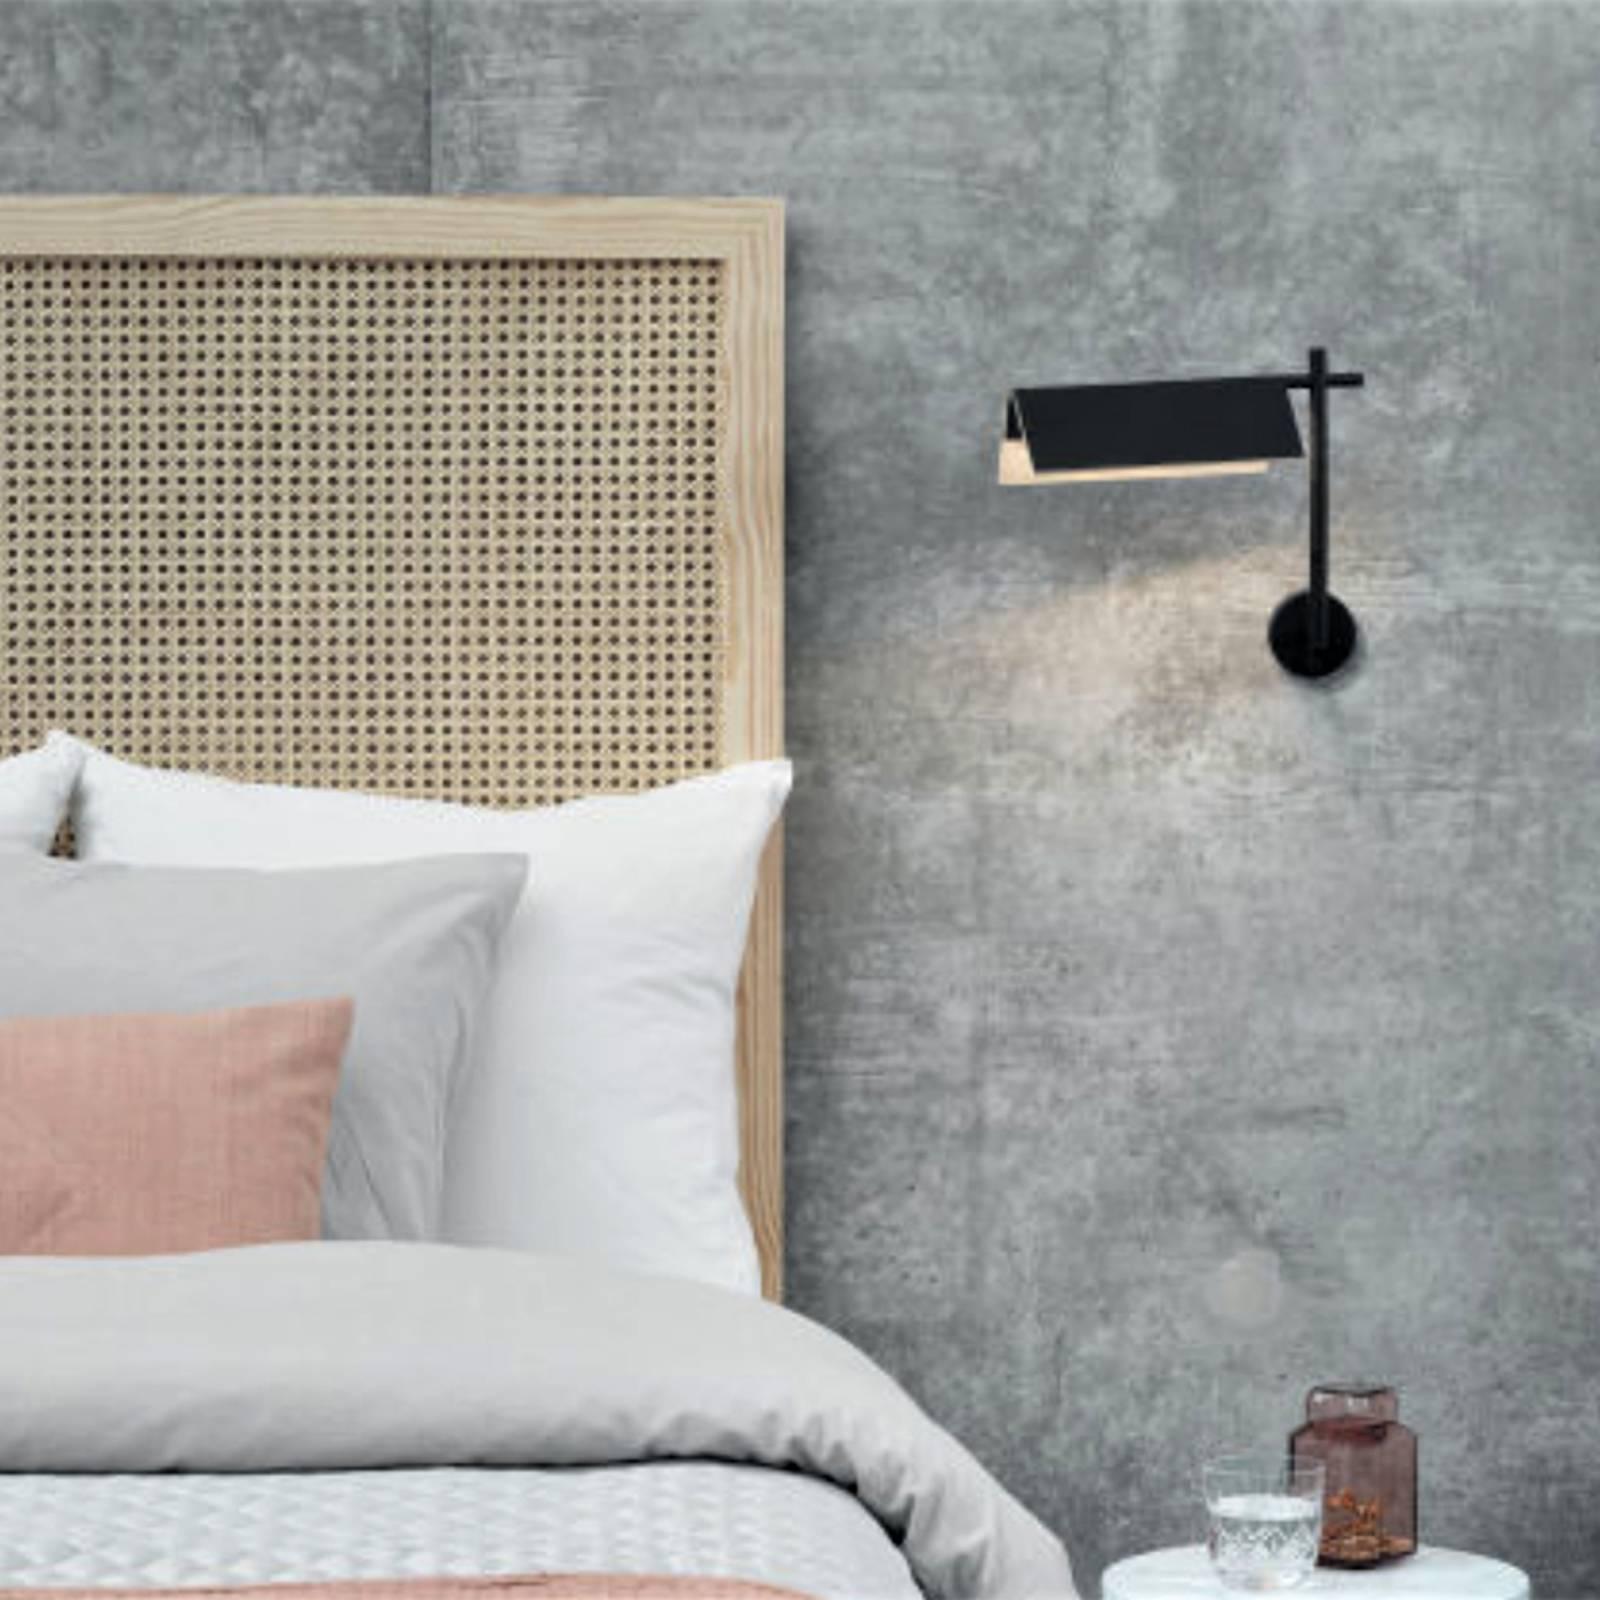 LED-Wandleuchte Svit Touchdim Holz/schwarz 2.700K